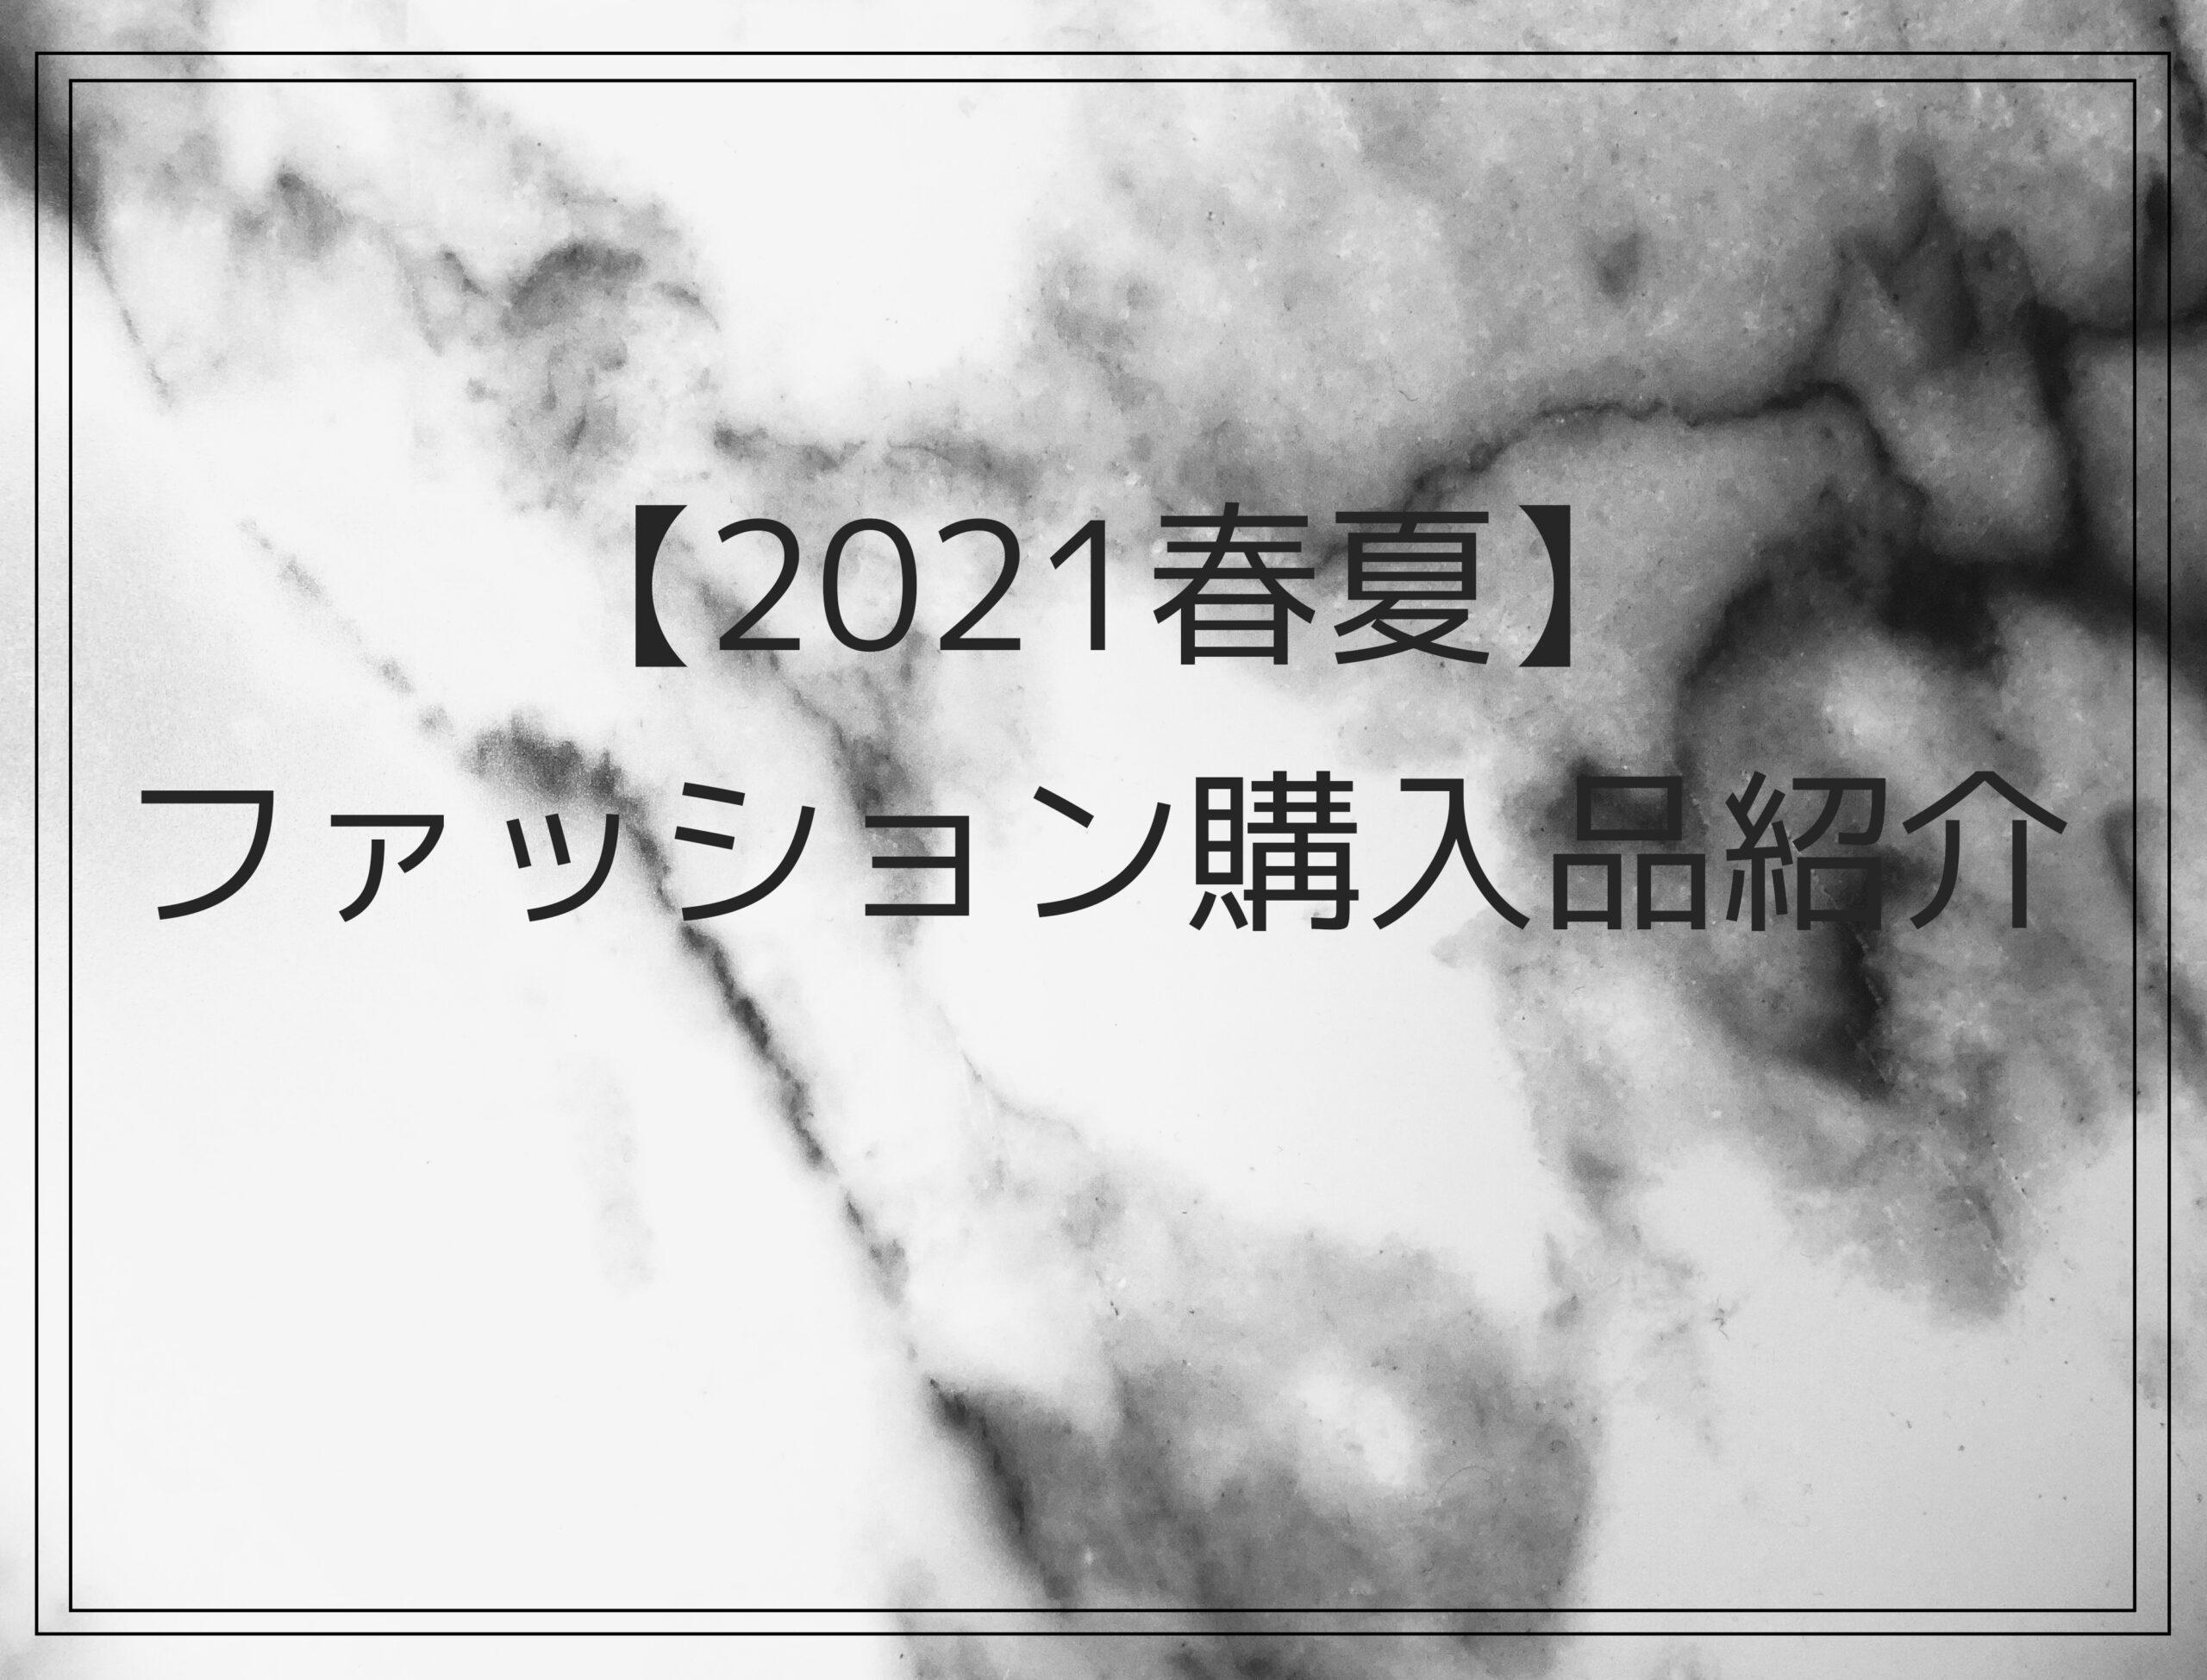 【2021春夏】ファッション購入品紹介